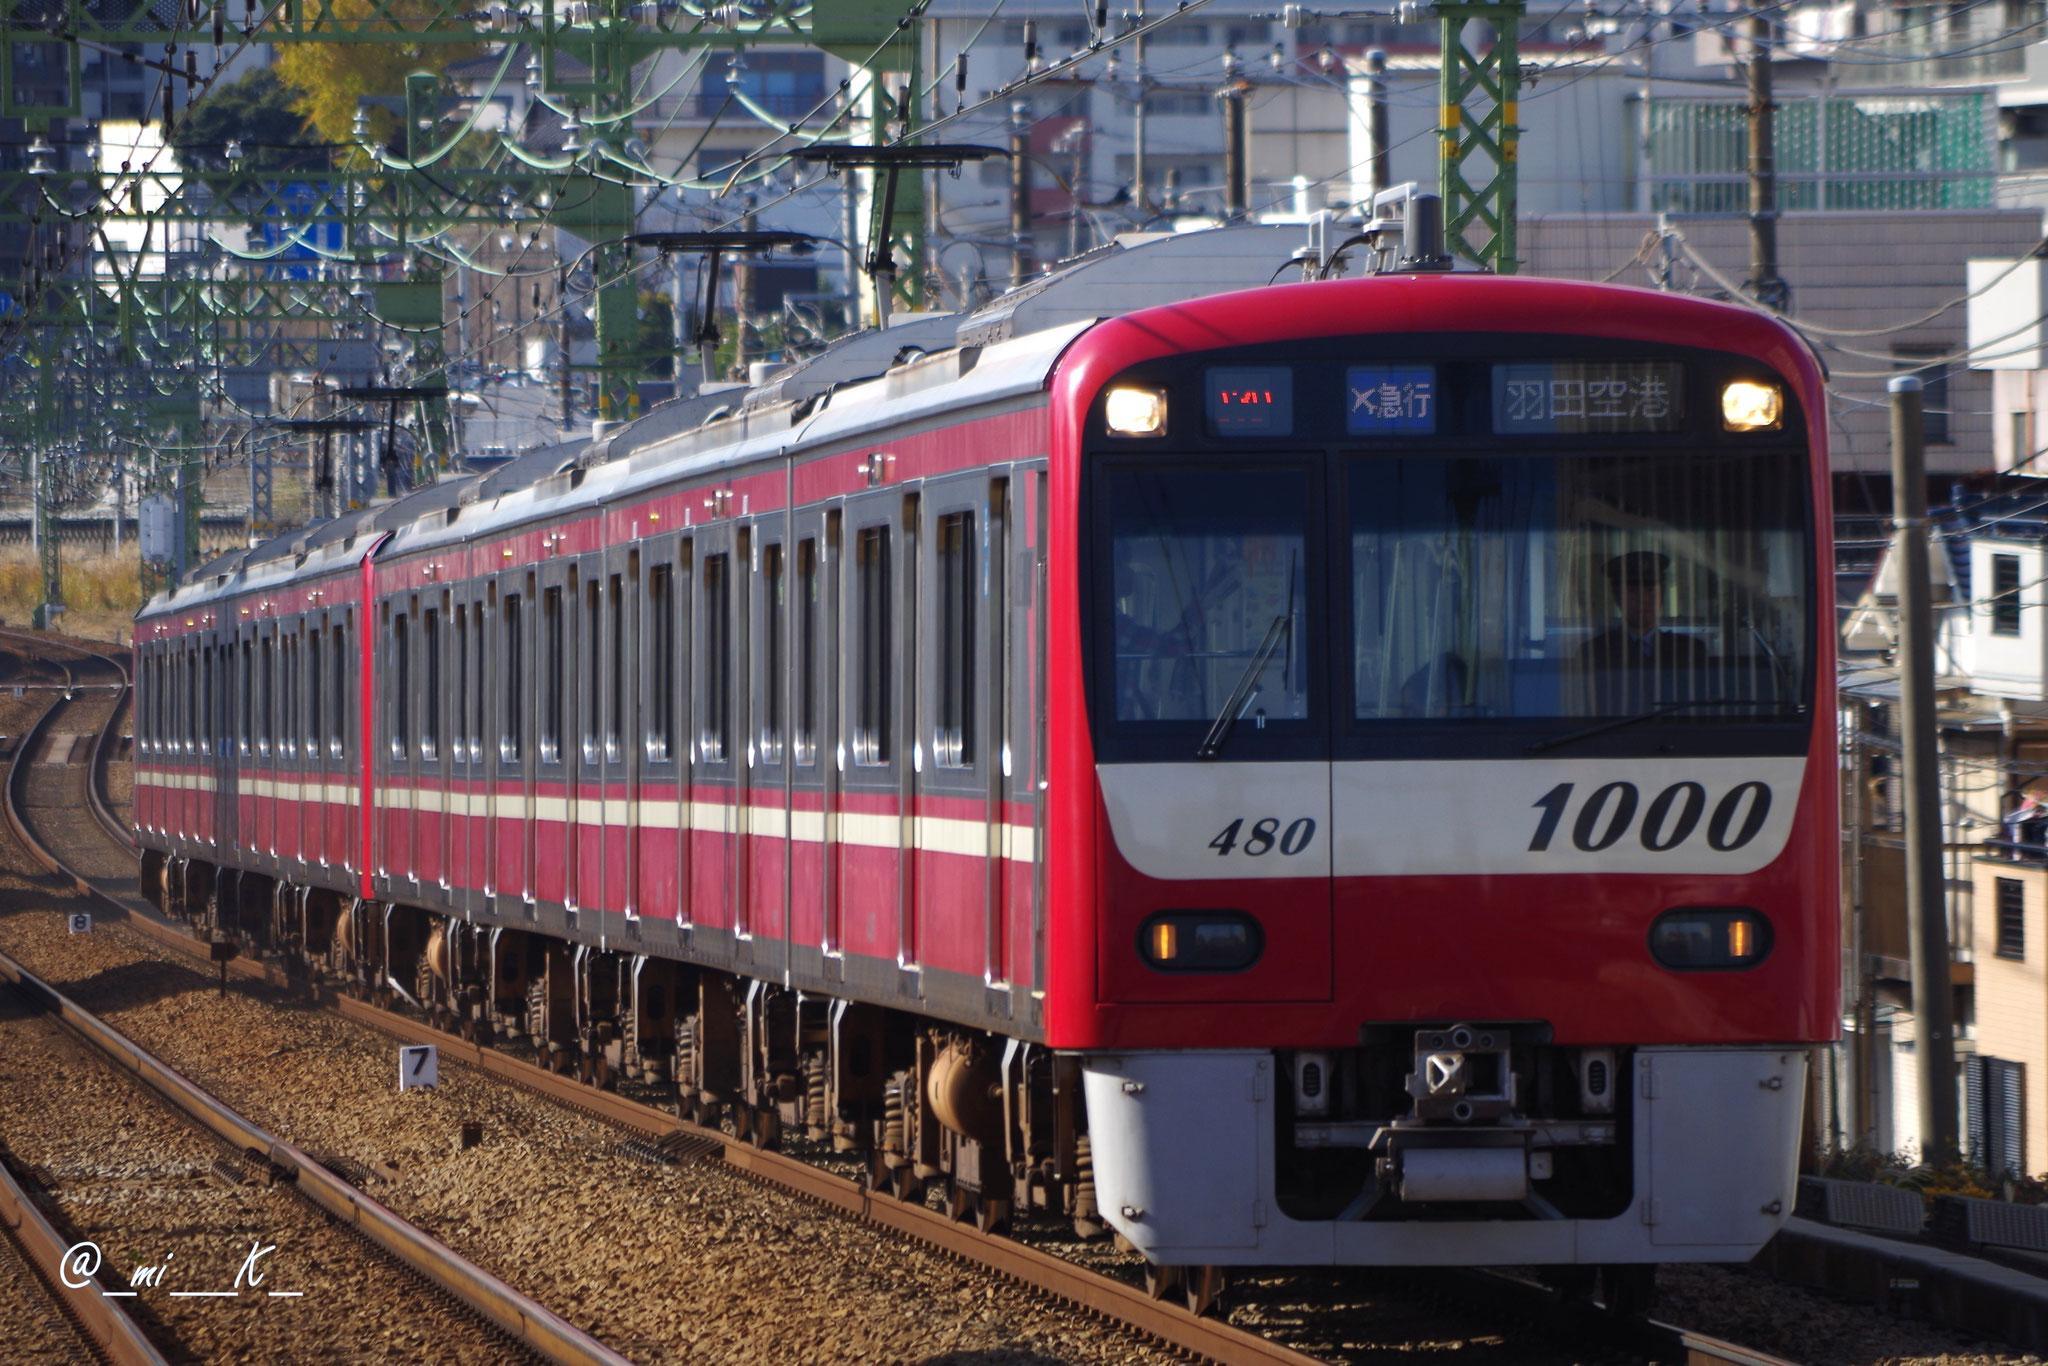 京急のイメージを変えたステンレス車。10次車からはスカイアクセス線直通にも対応。6両編成も製造された。